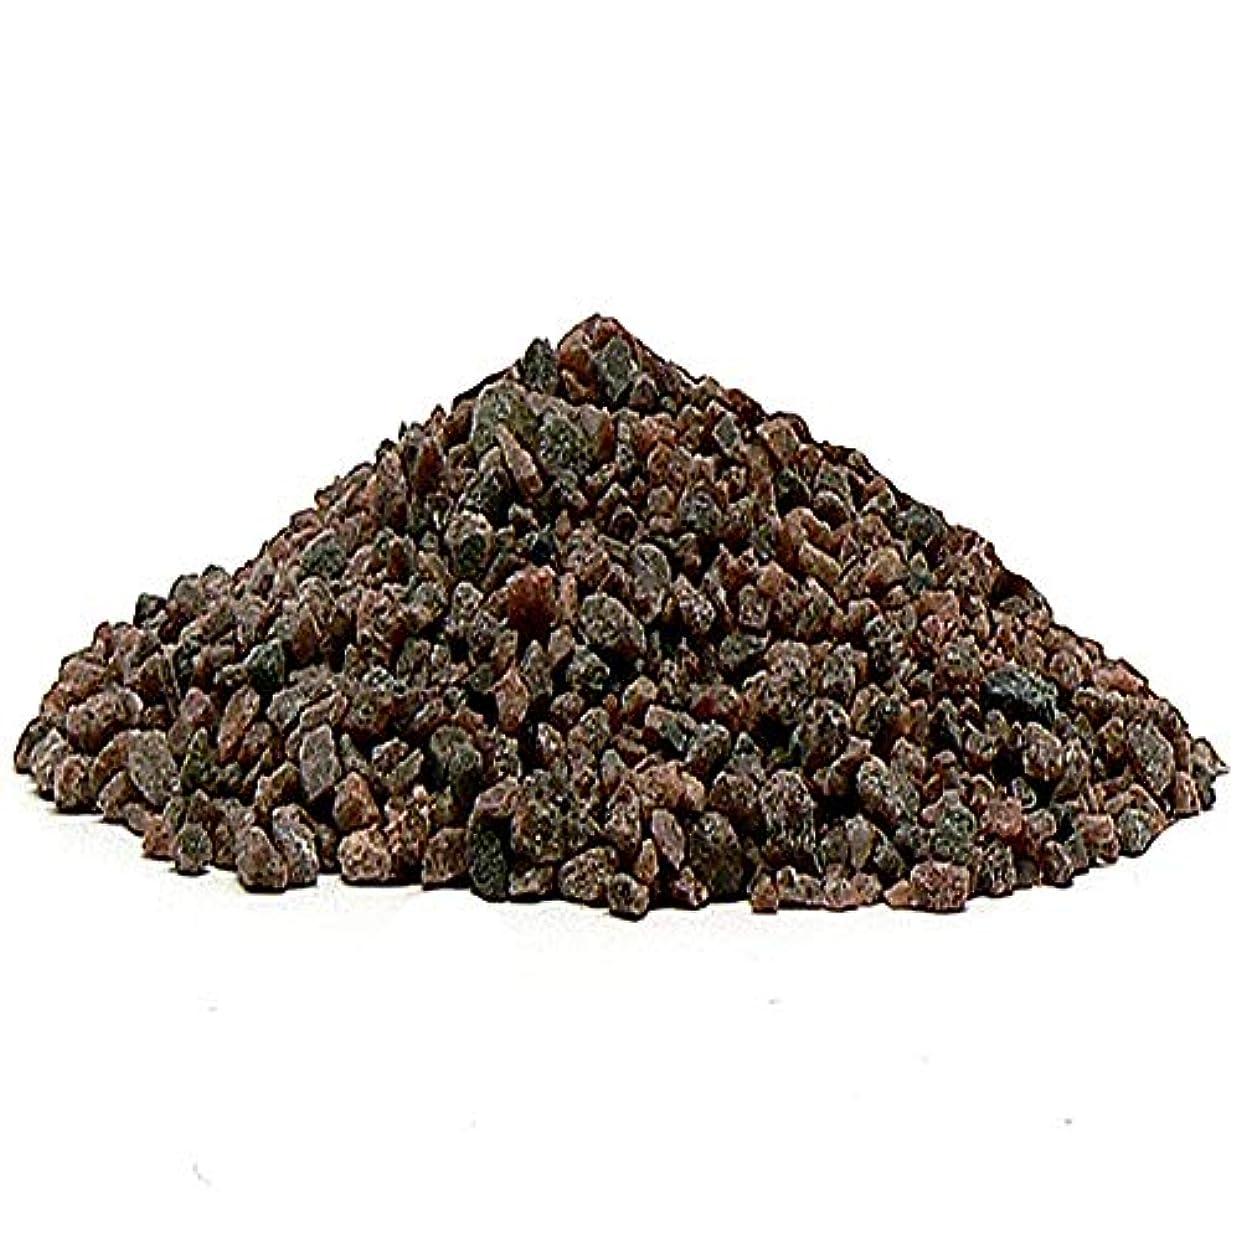 混合した同性愛者歌増量中! ヒマラヤ岩塩 ブラックソルト 入浴用 バスソルト(小粒) 黒岩塩 (2kg+300g増量)